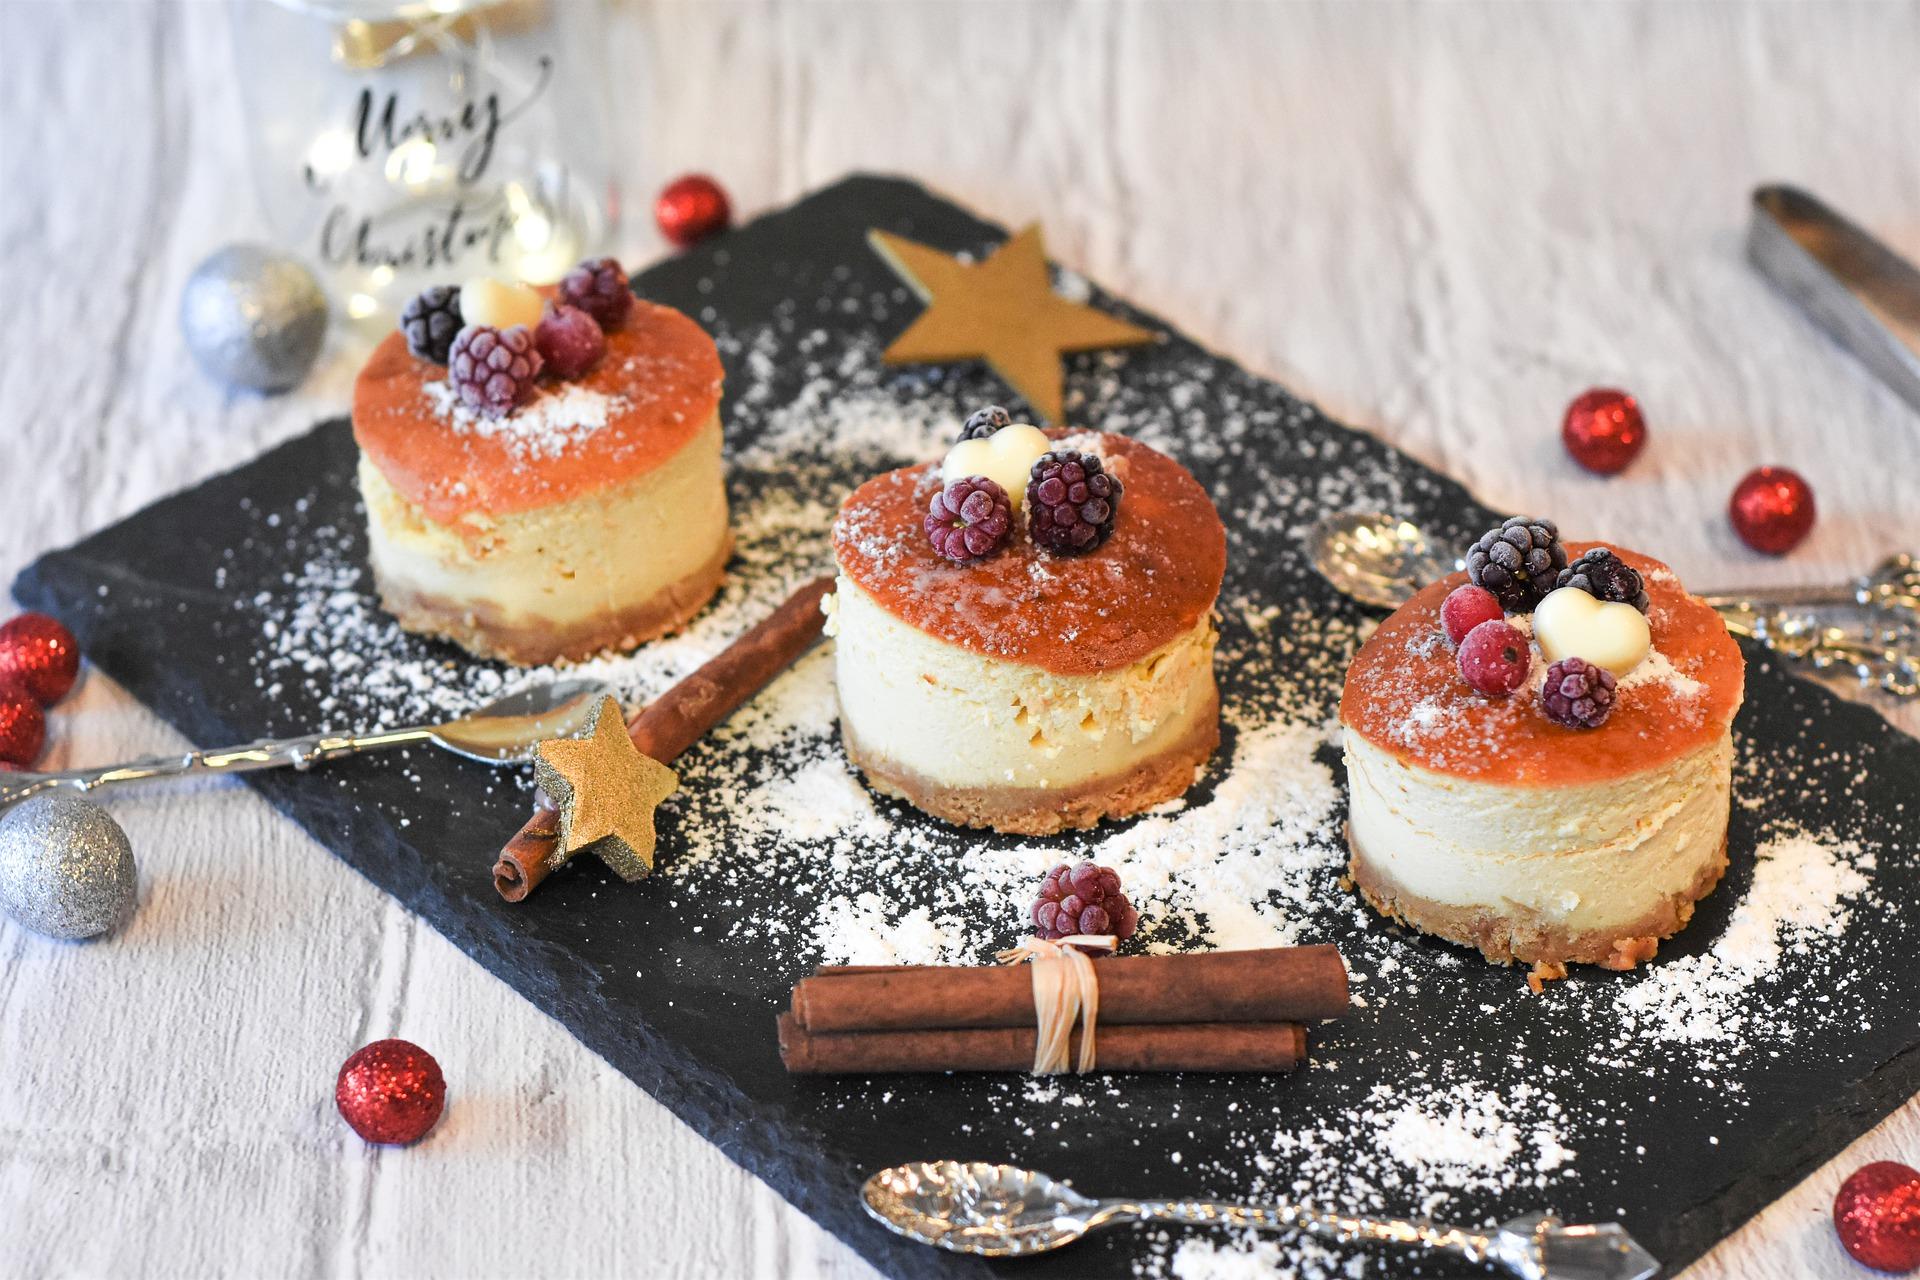 Las tartas cada vez se venden más en pequeñas porciones